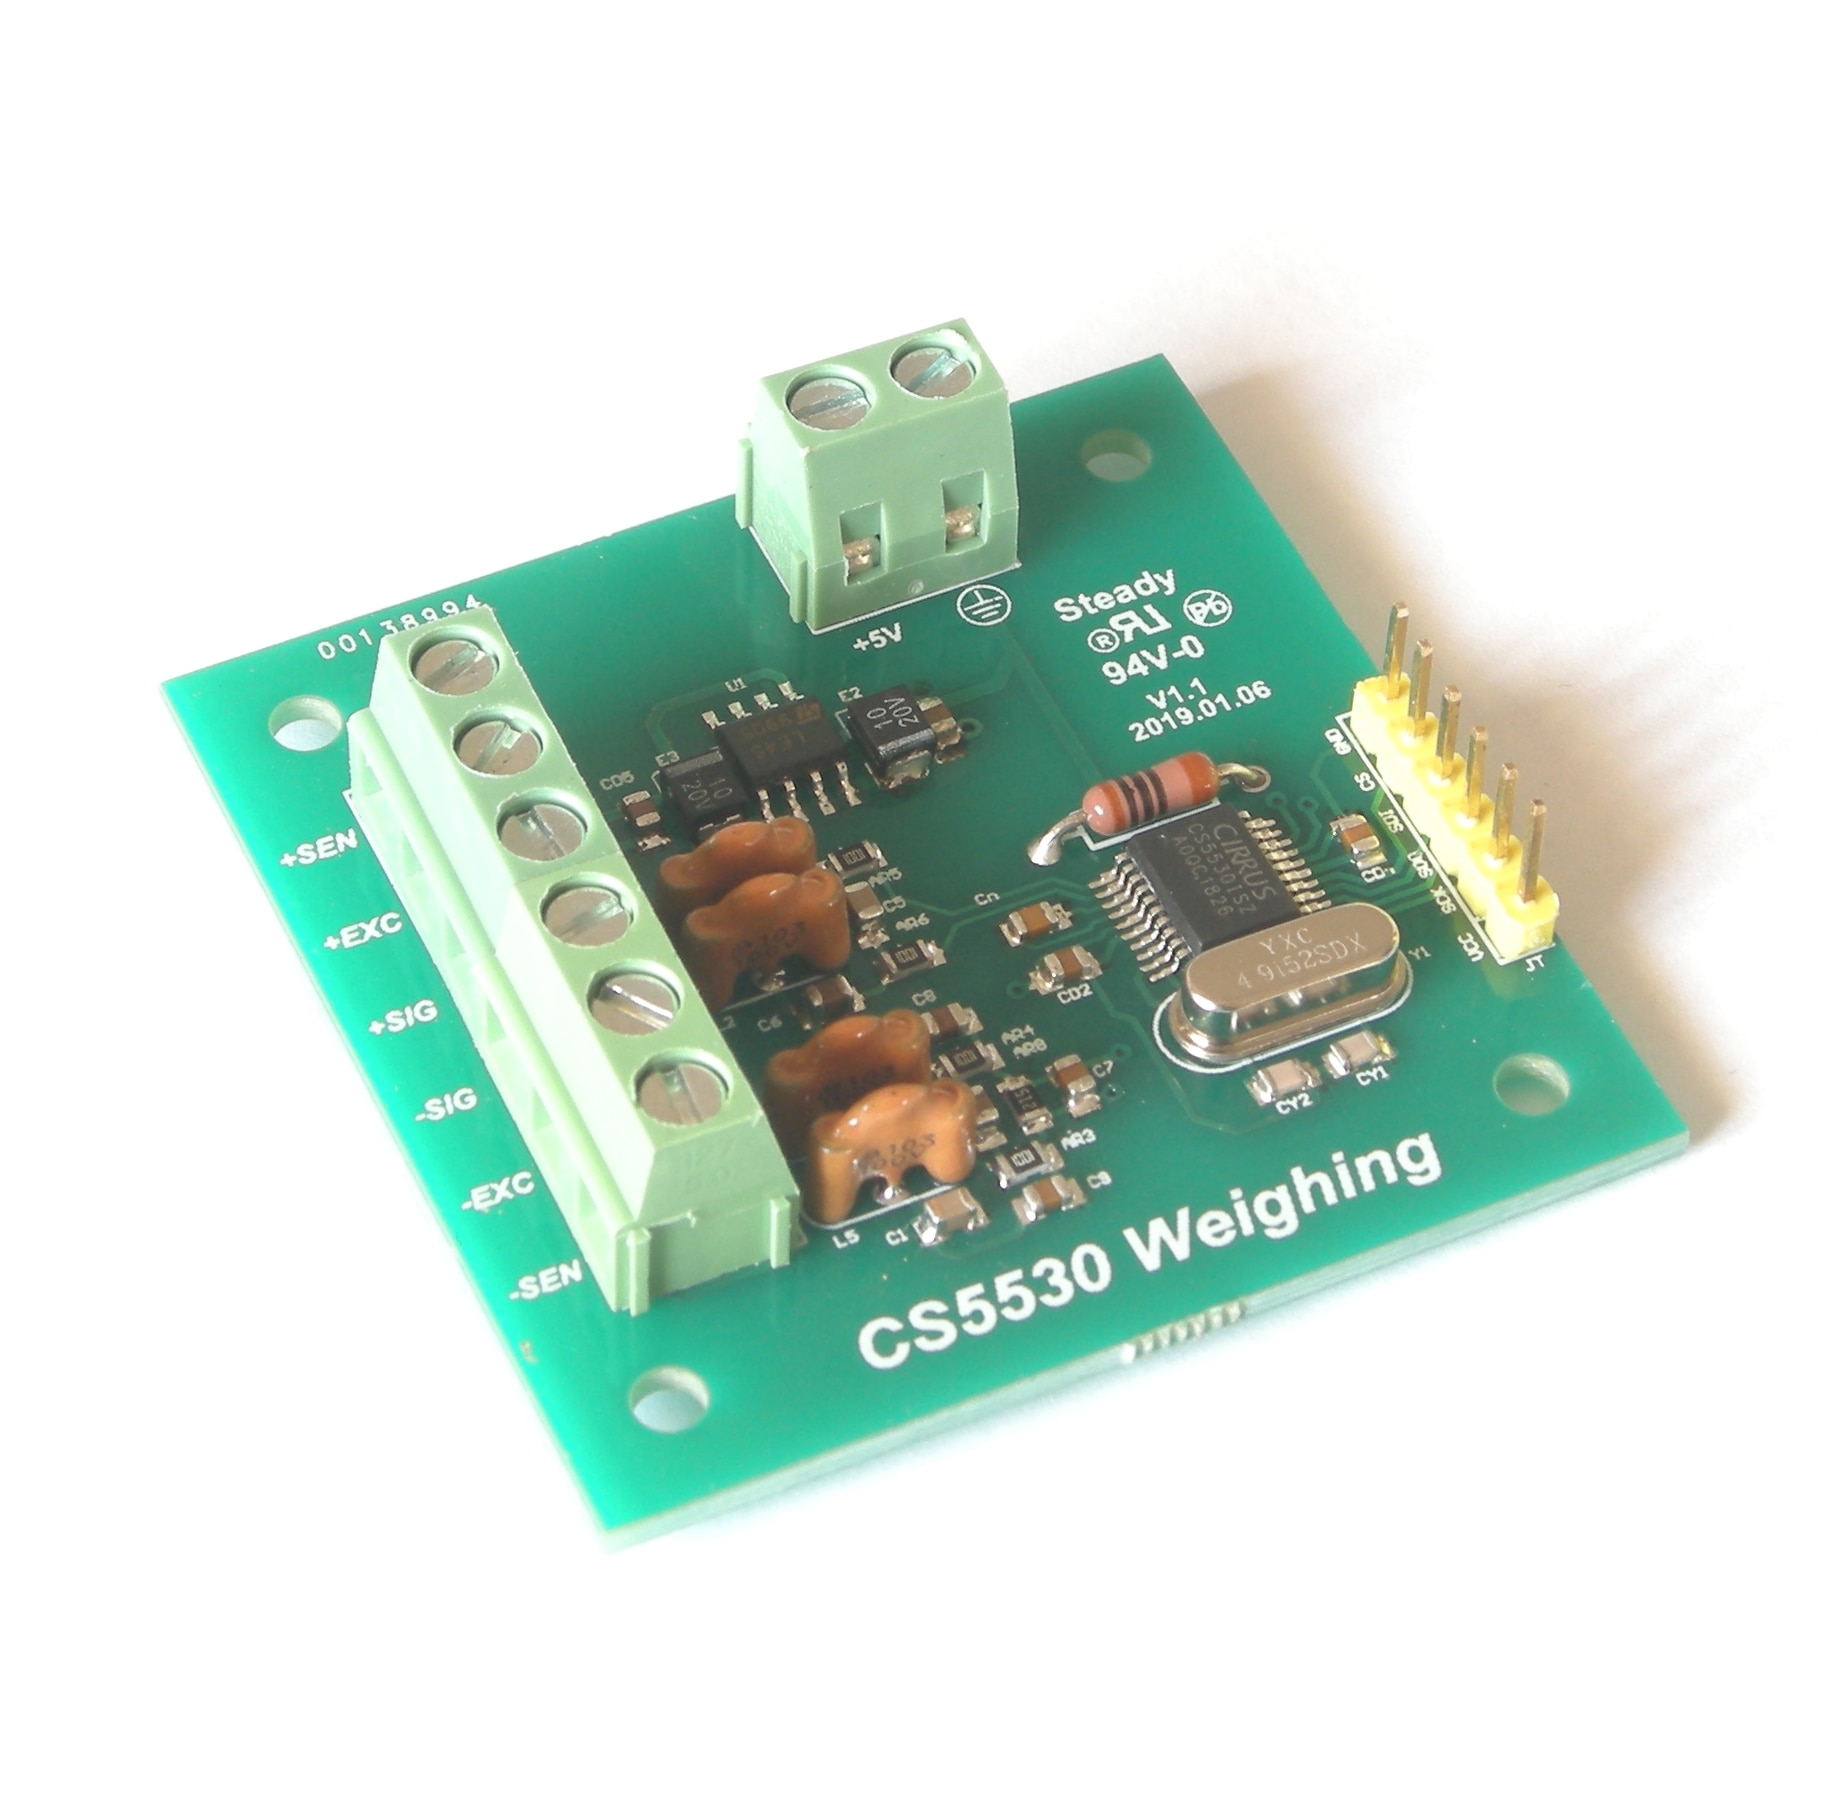 Cs5530 وحدة متقدمة الترشيح مع منخفضة الضوضاء 4.5v الإثارة لنا المنتج حلول مع روتين